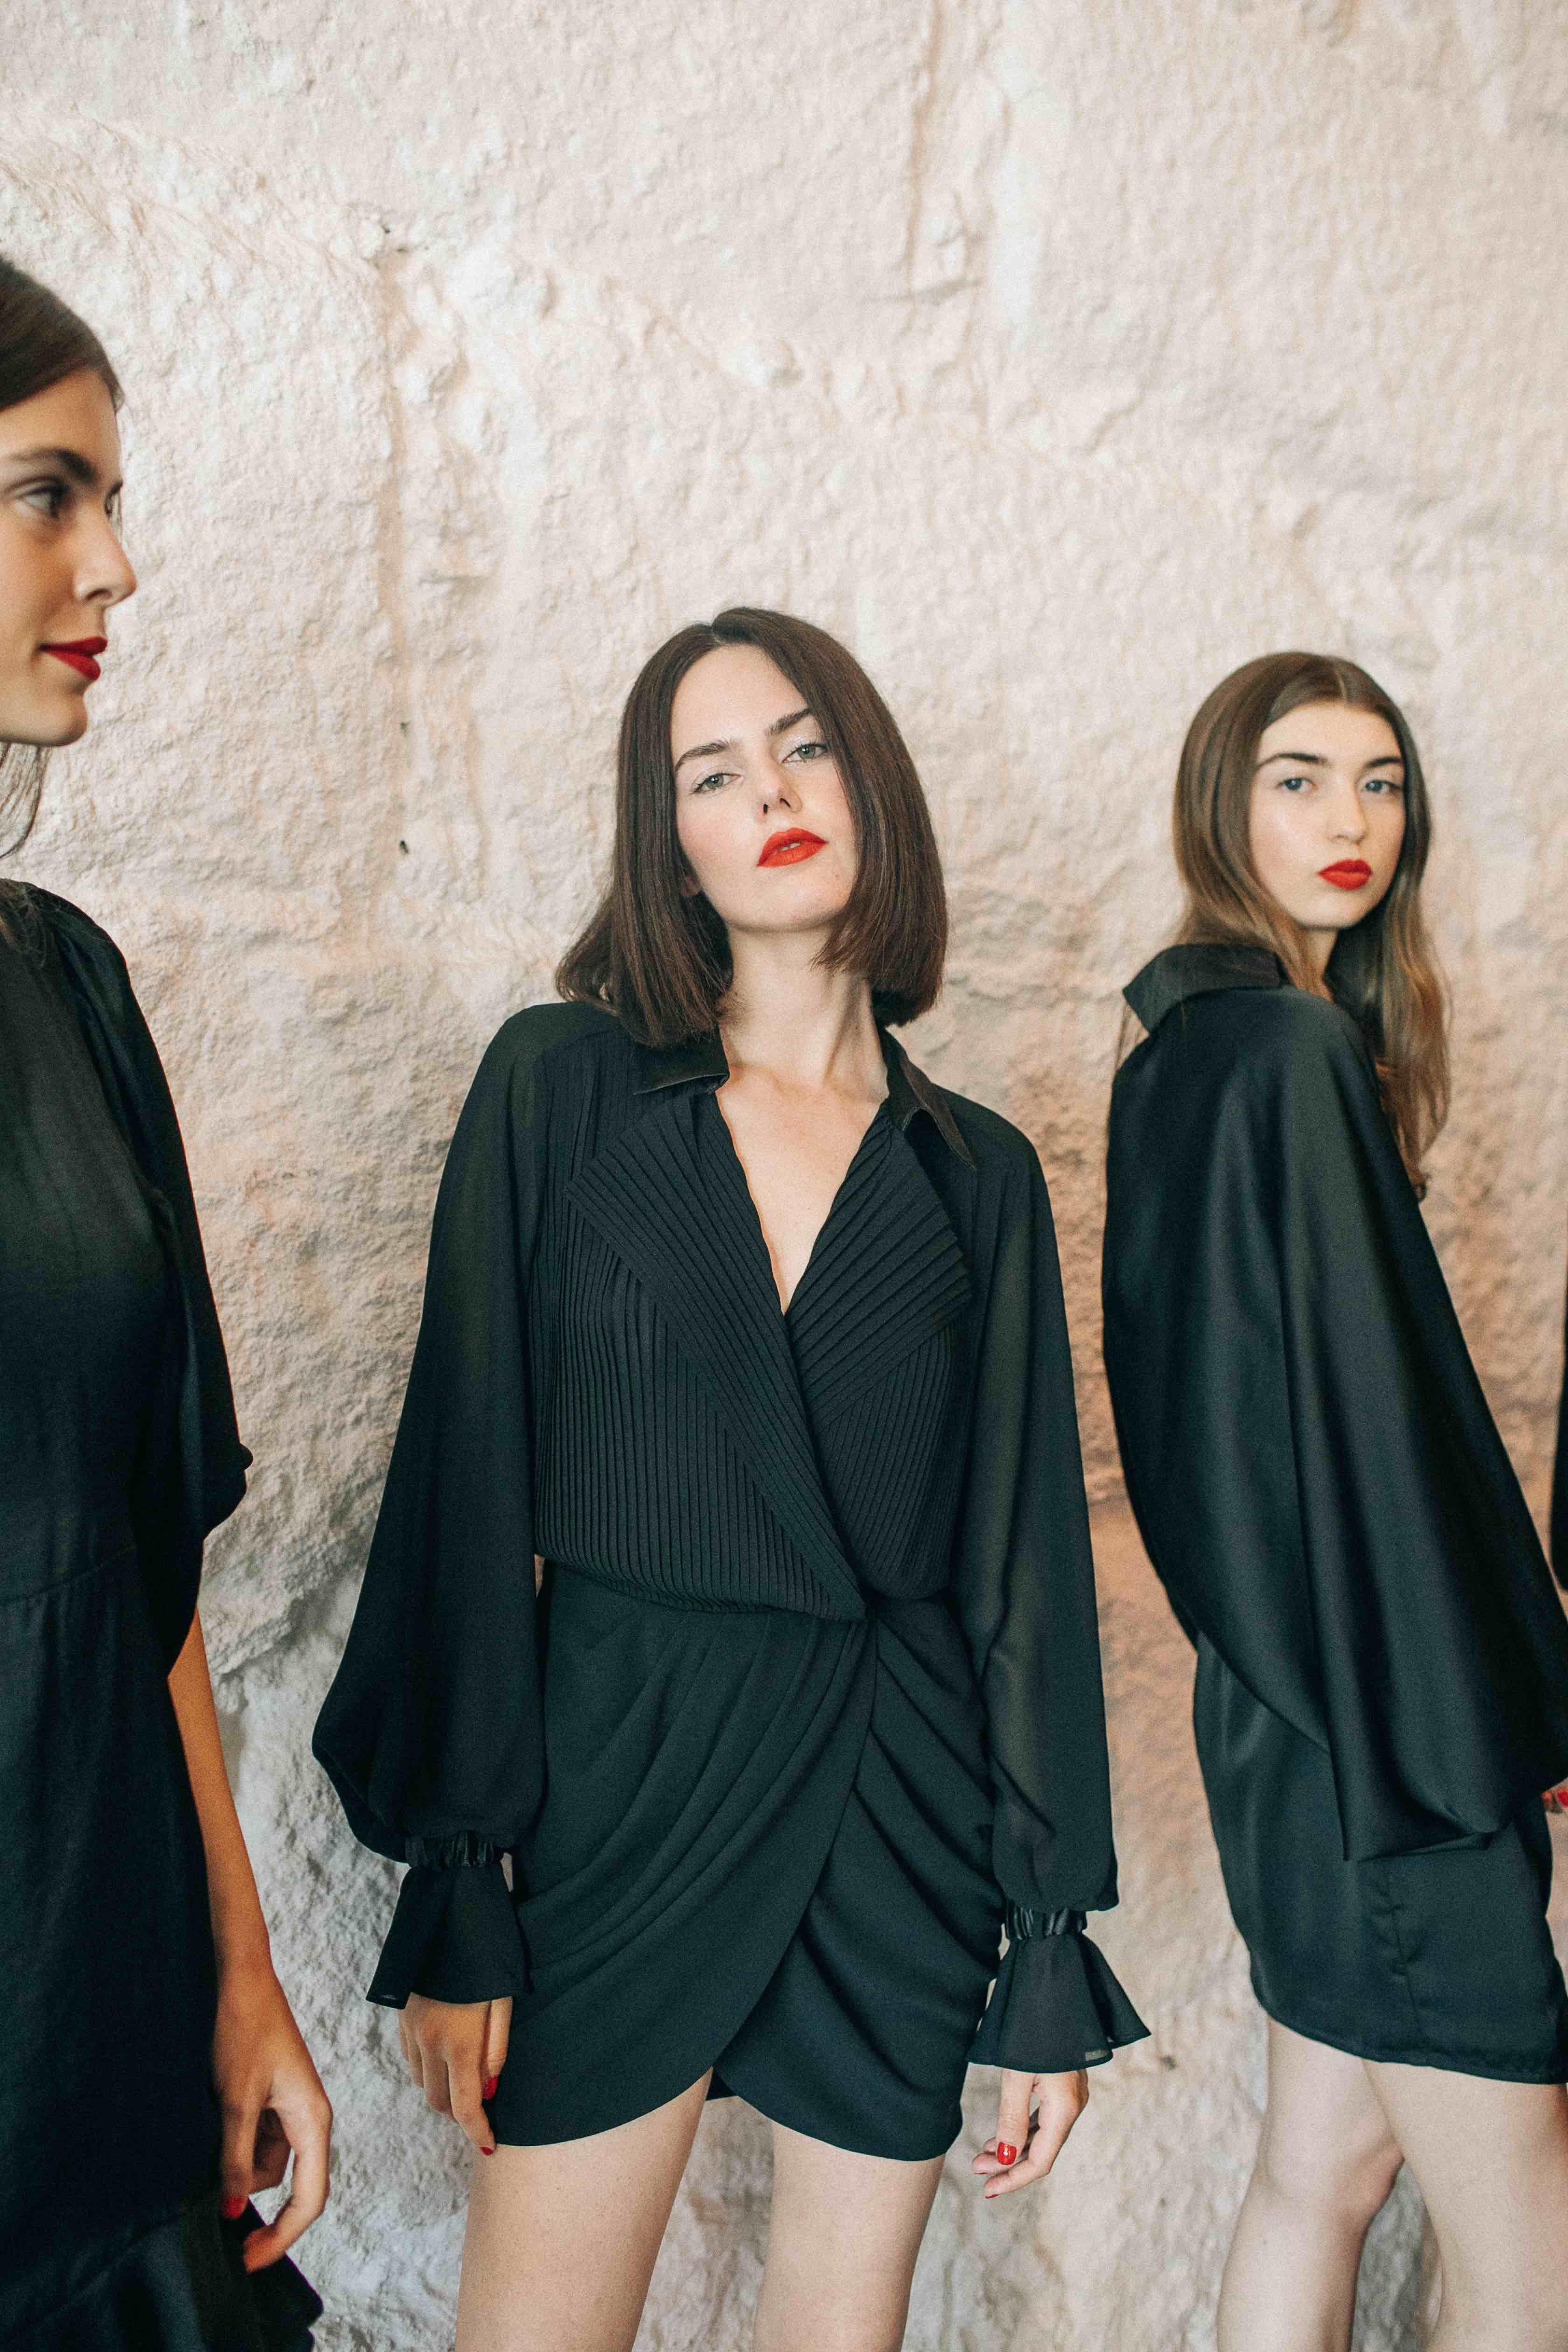 Backstage Portugal Fashion